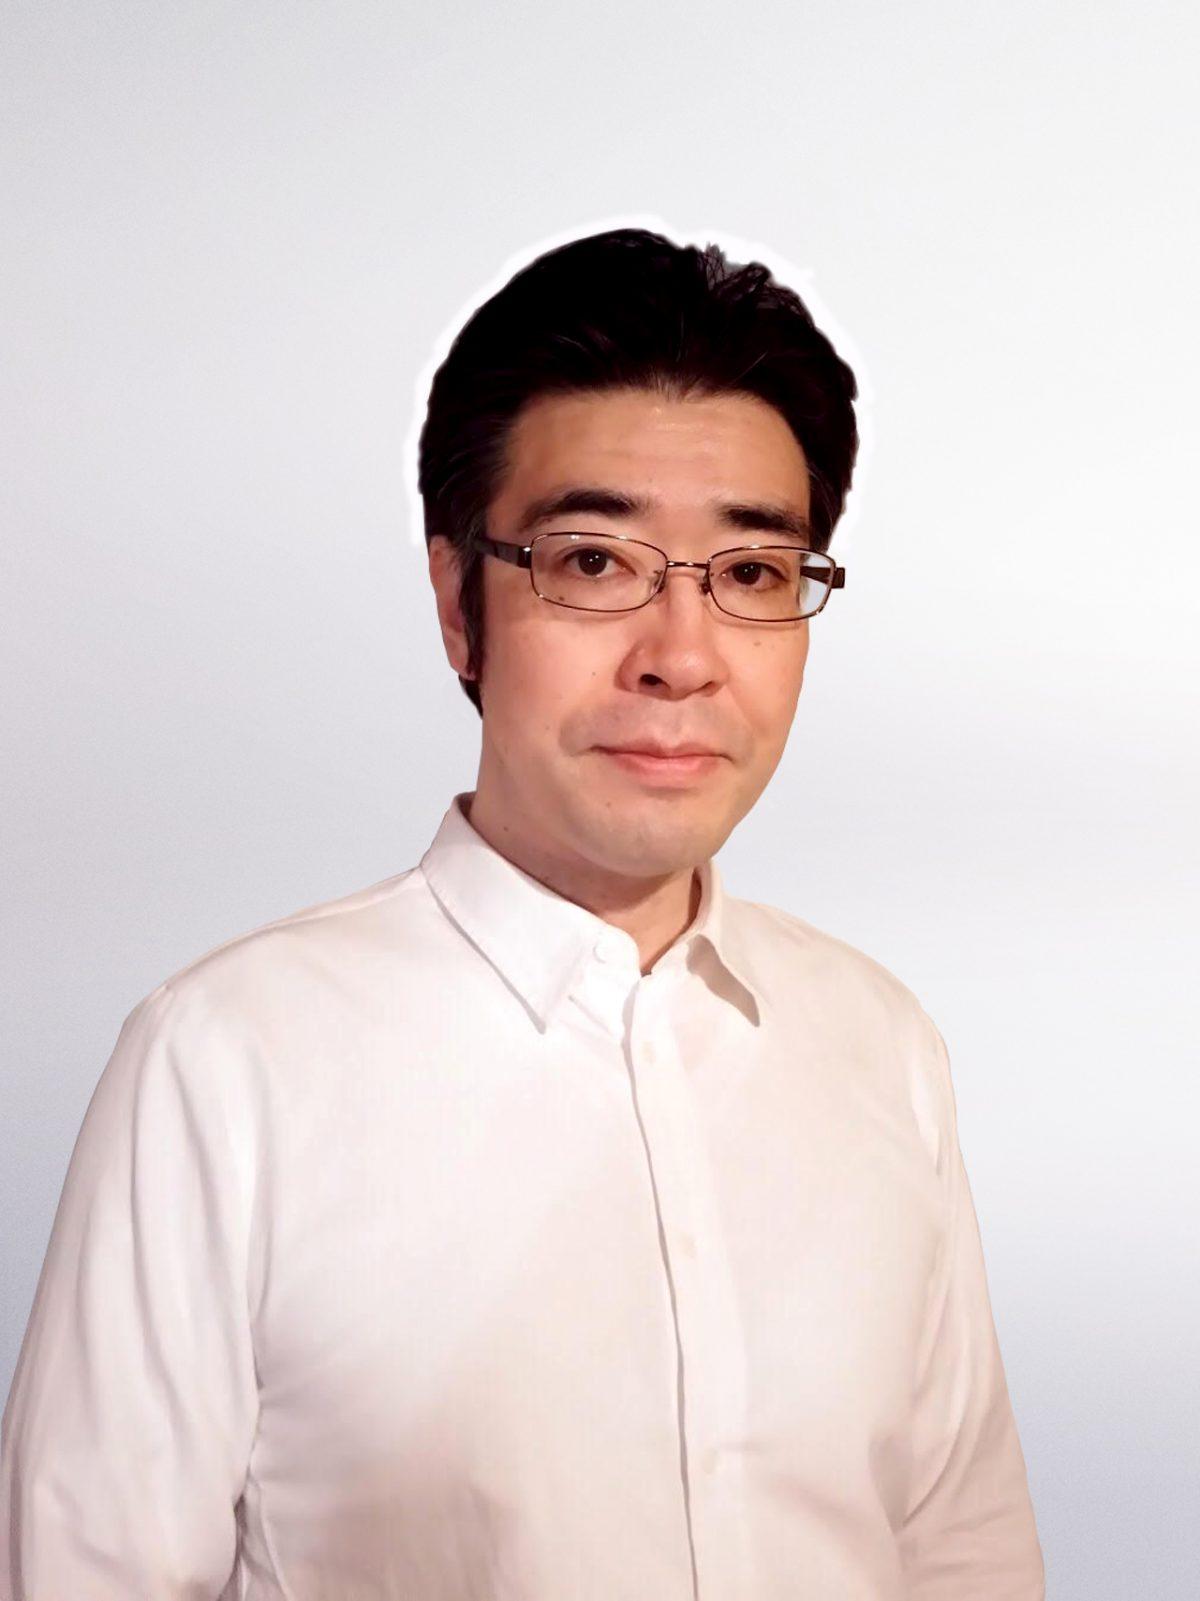 代田正彦Masahiko Shirota